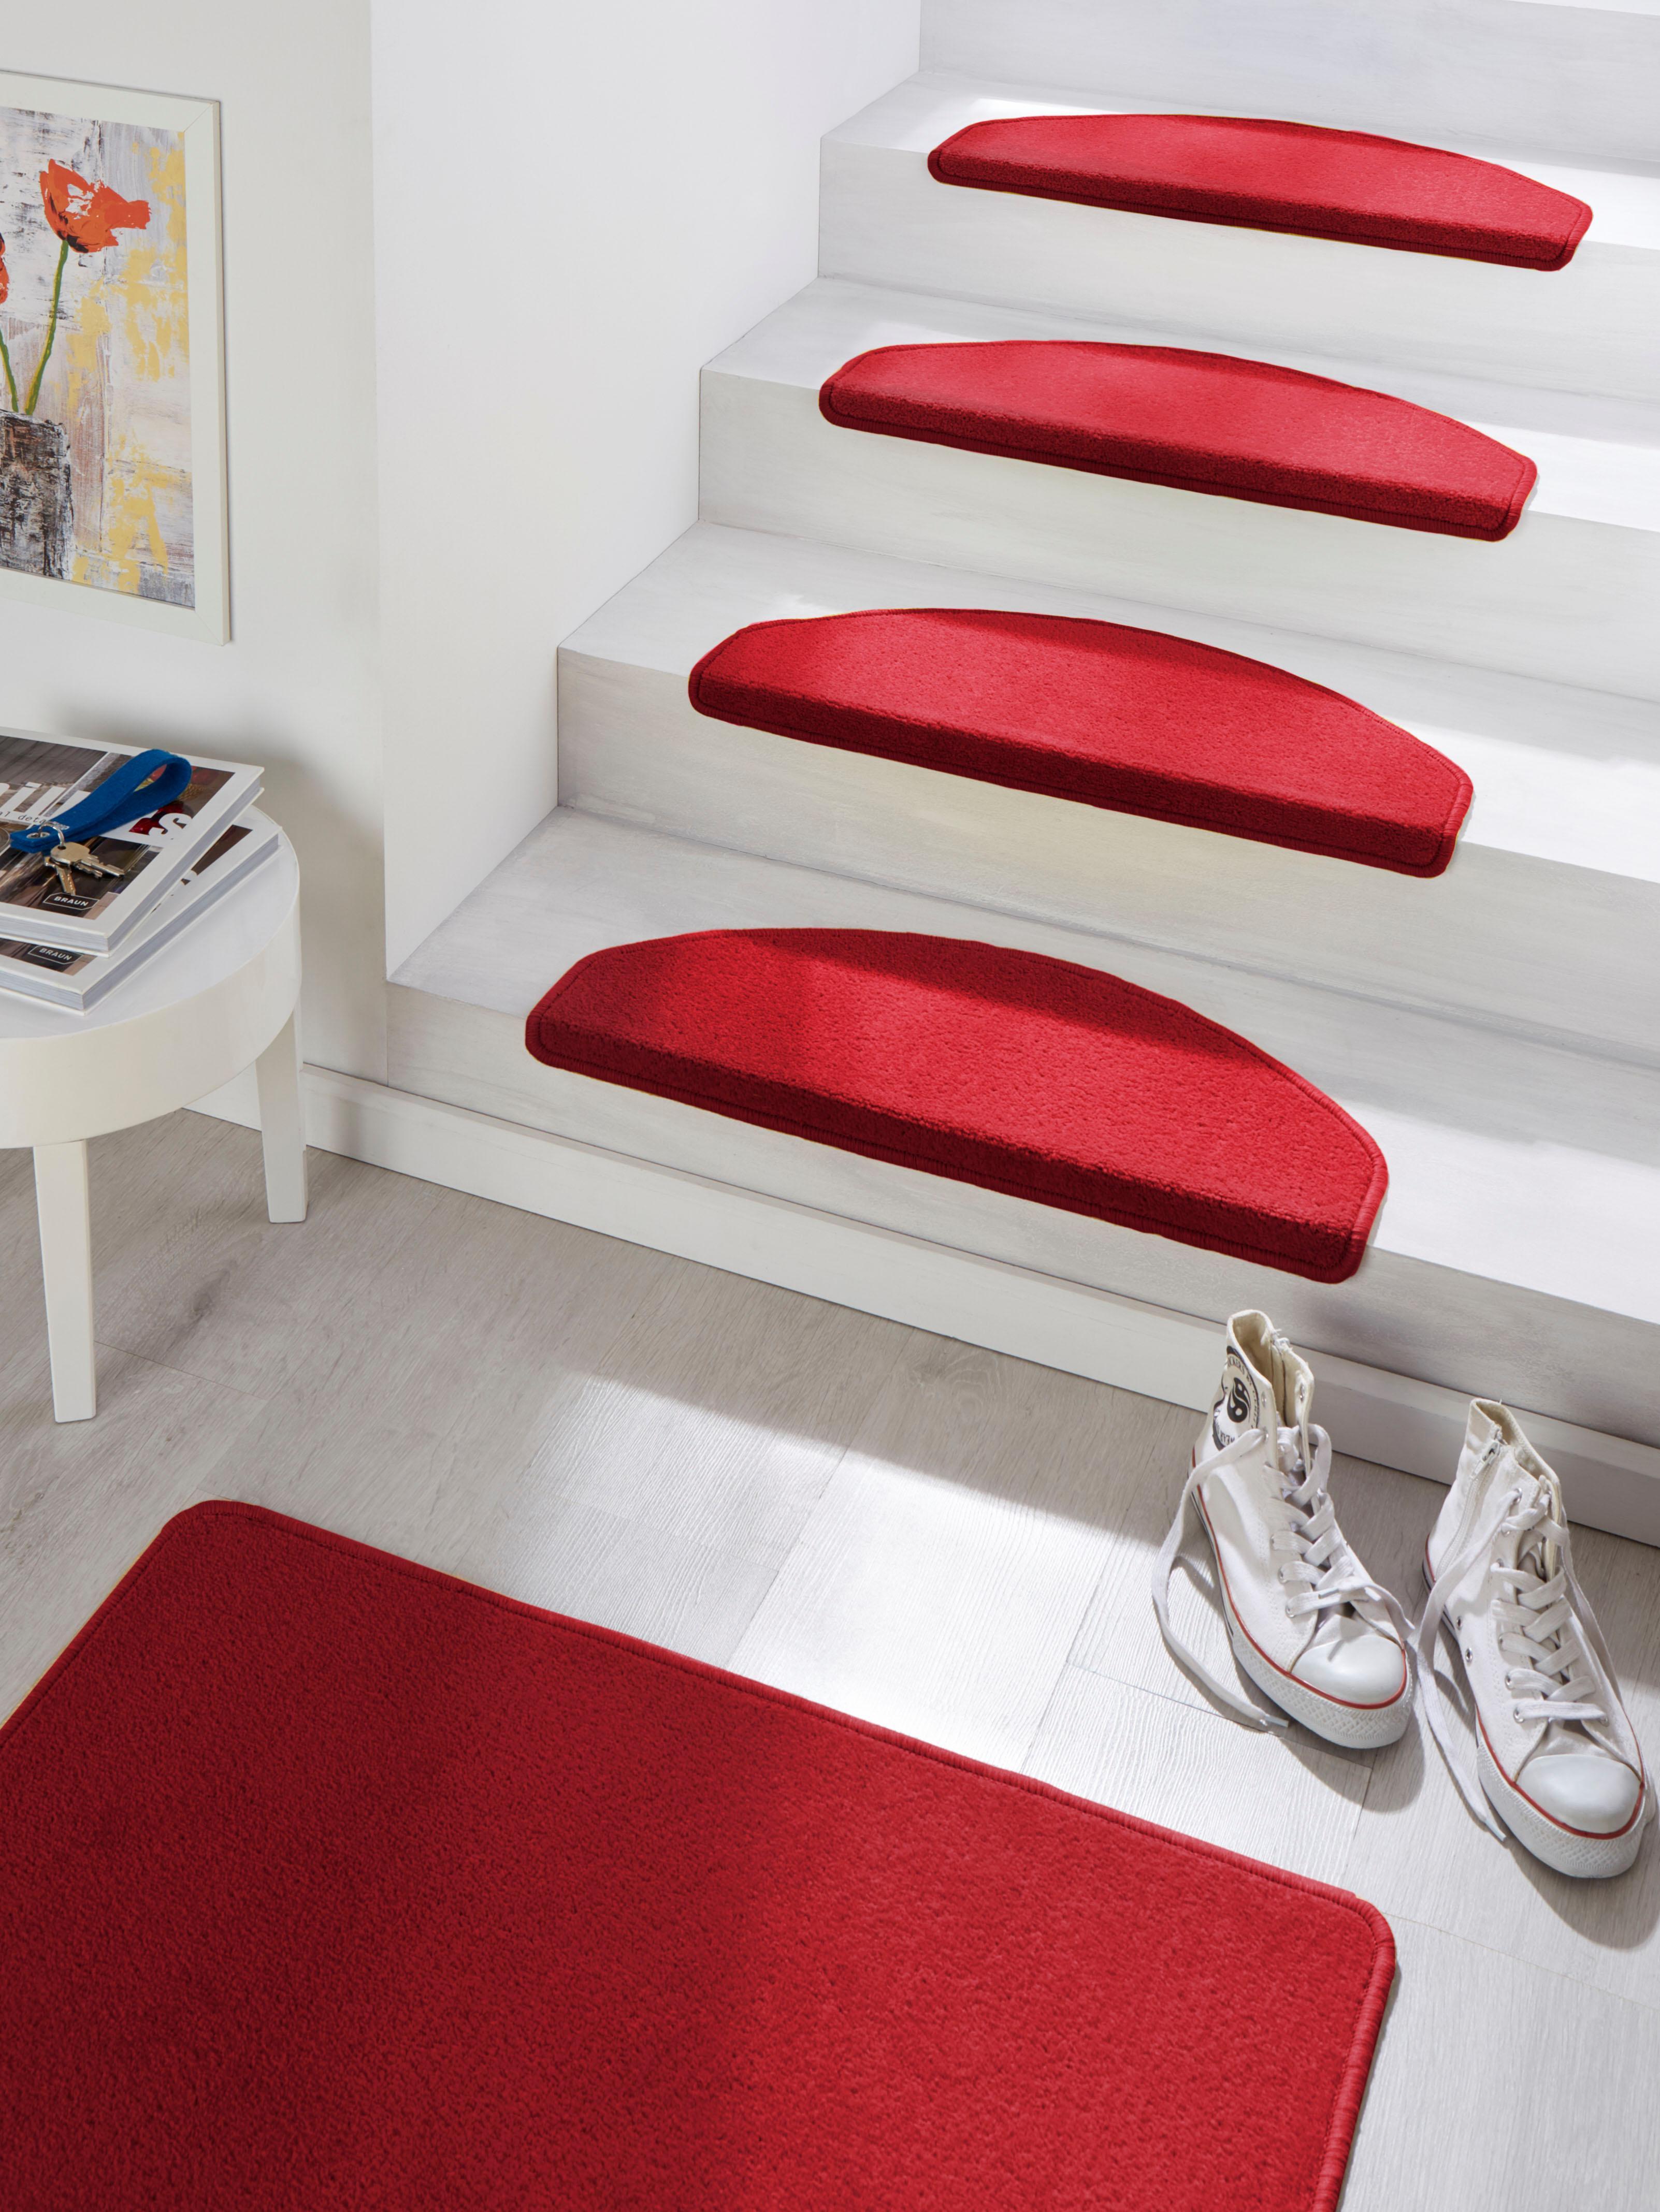 HANSE Home Stufenmatte Fancy, halbrund, 7 mm Höhe, große Farbauswahl, 15 Stück in einem Set rot Stufenmatten Teppiche